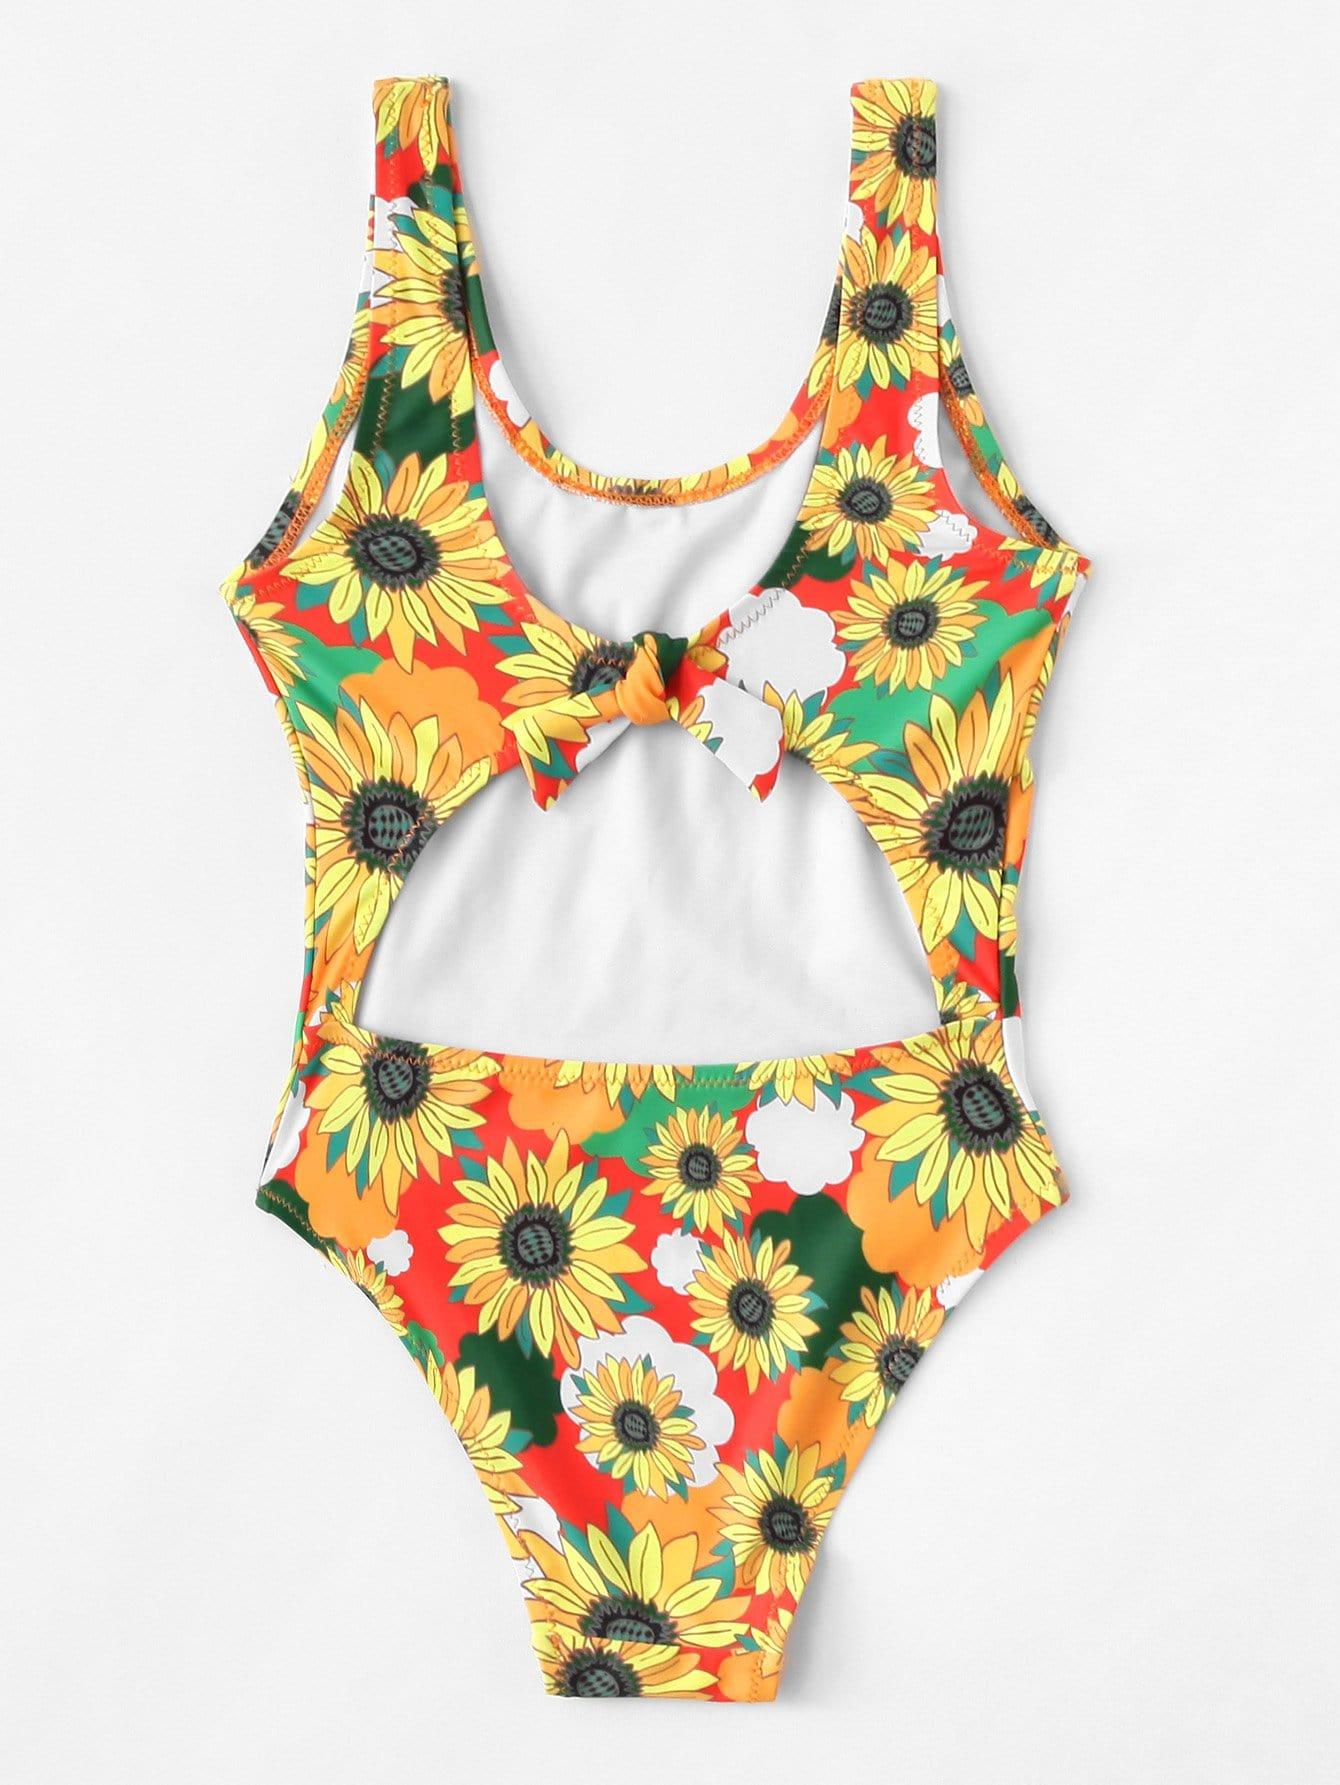 Купить Цветочный купальник для девочек, null, SheIn